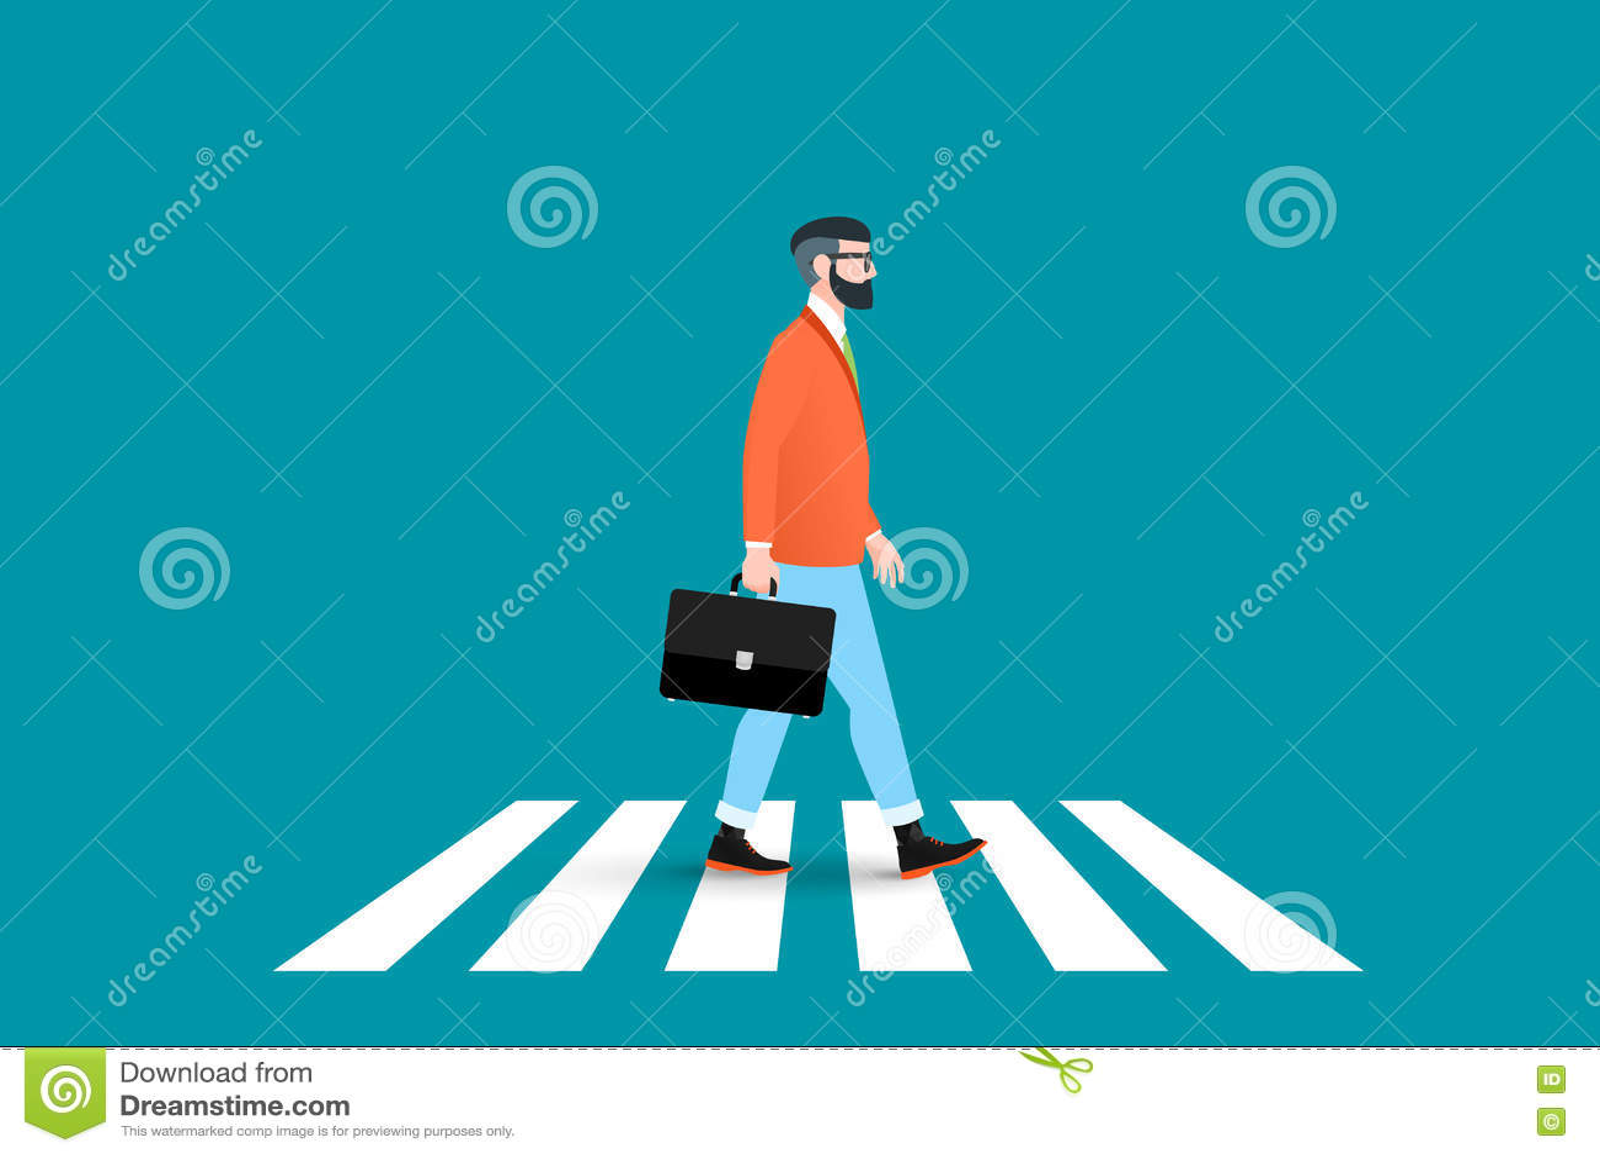 Καθιερώνουσα τη μόδα ηπειρωτική διάβαση πεζών για τους πεζούς περάσματος nerd hipster Αυτός ο επιχειρηματίας που φορά ένα στερεό